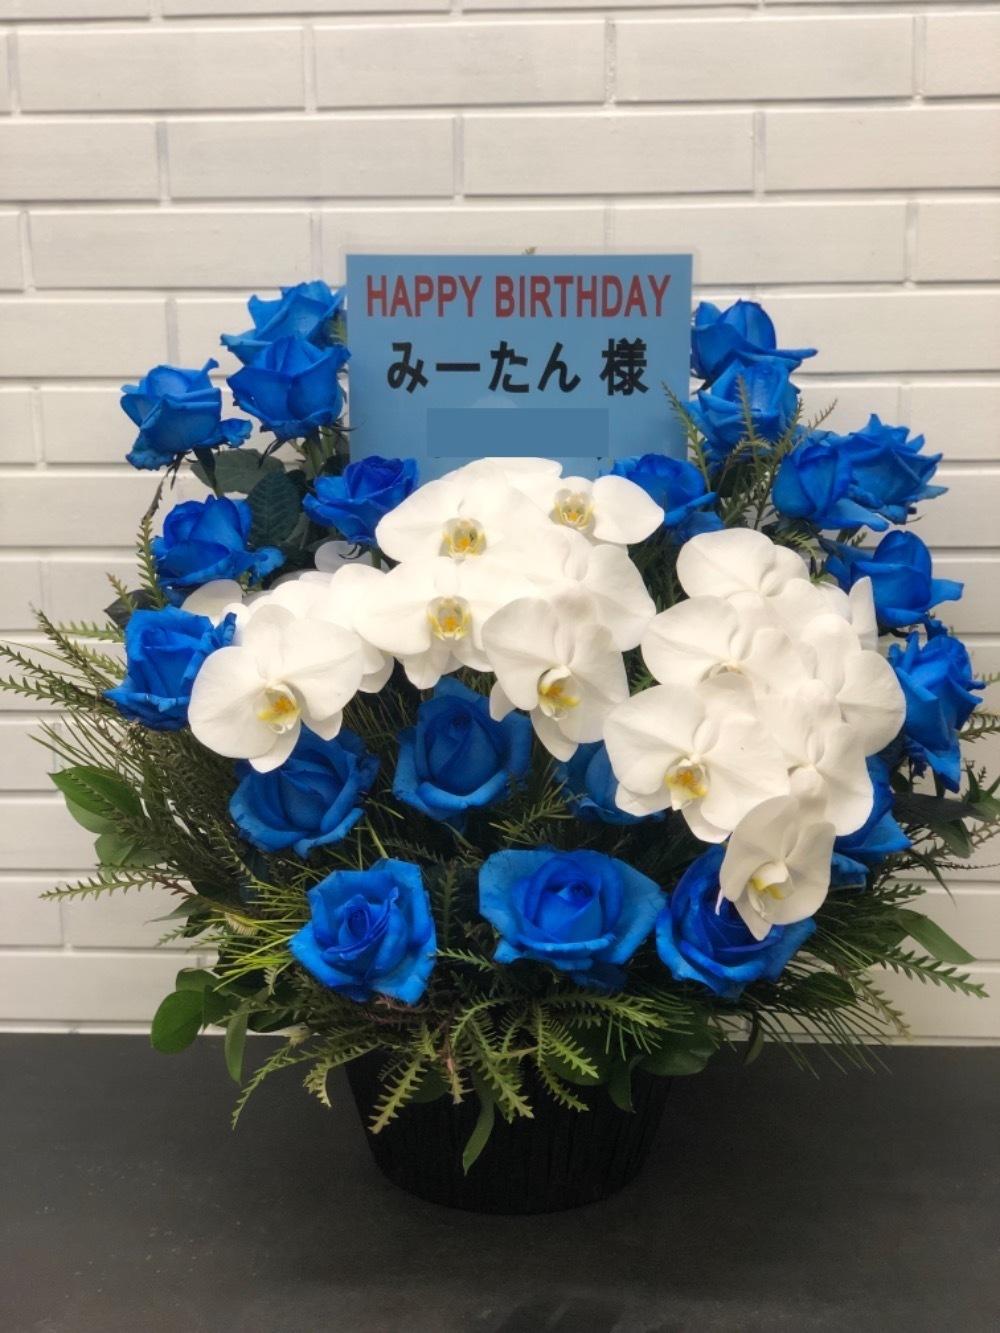 胡蝶蘭と青バラのコントラストが美しい祝い花